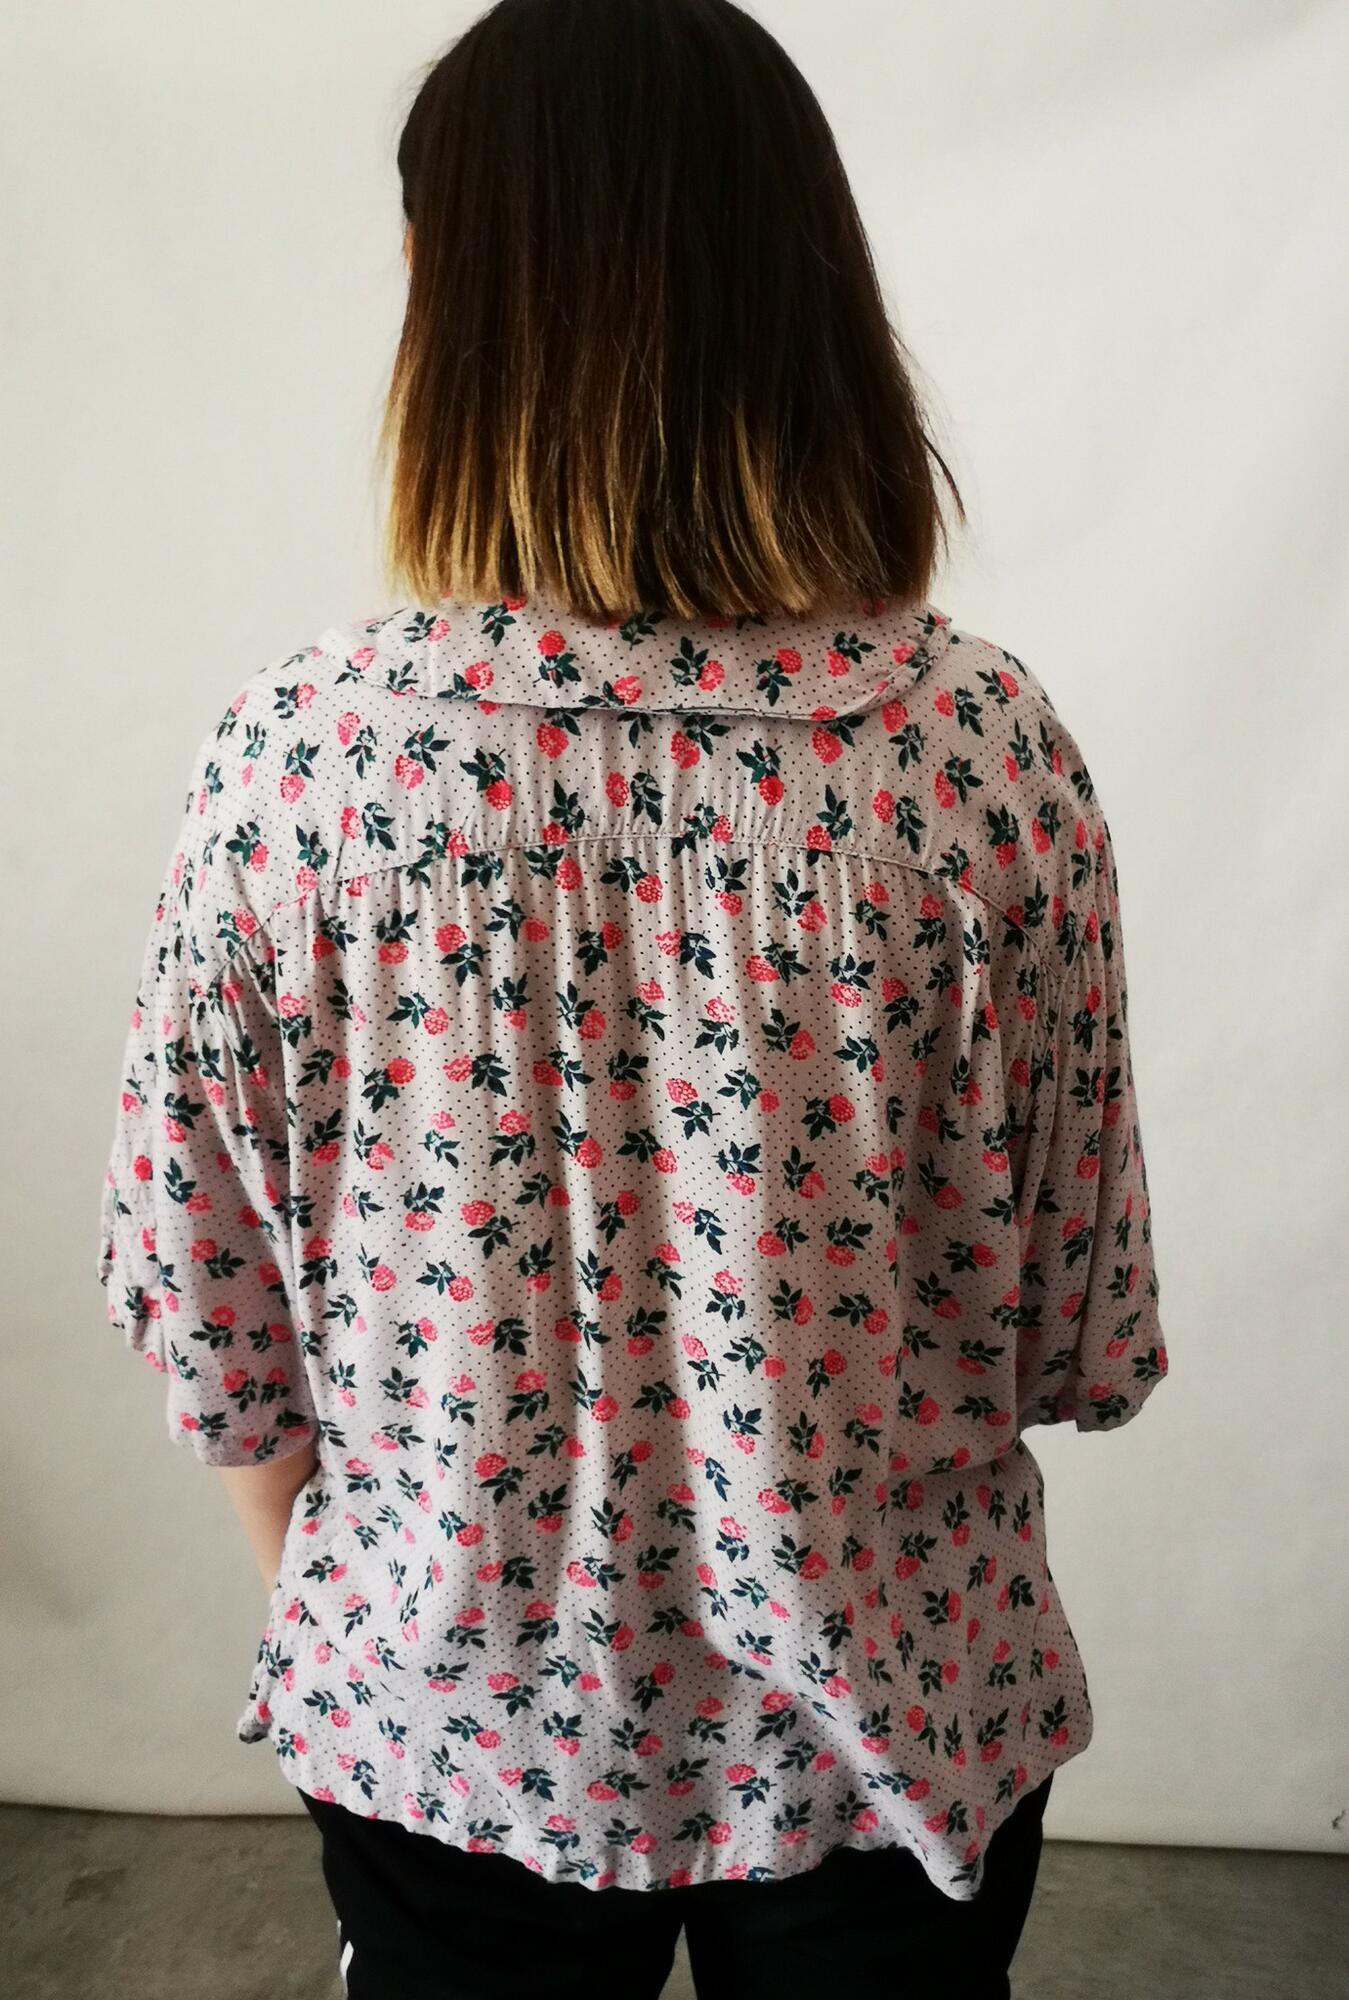 Vintage koszula w kwiaty - Nie byle | JestemSlow.pl